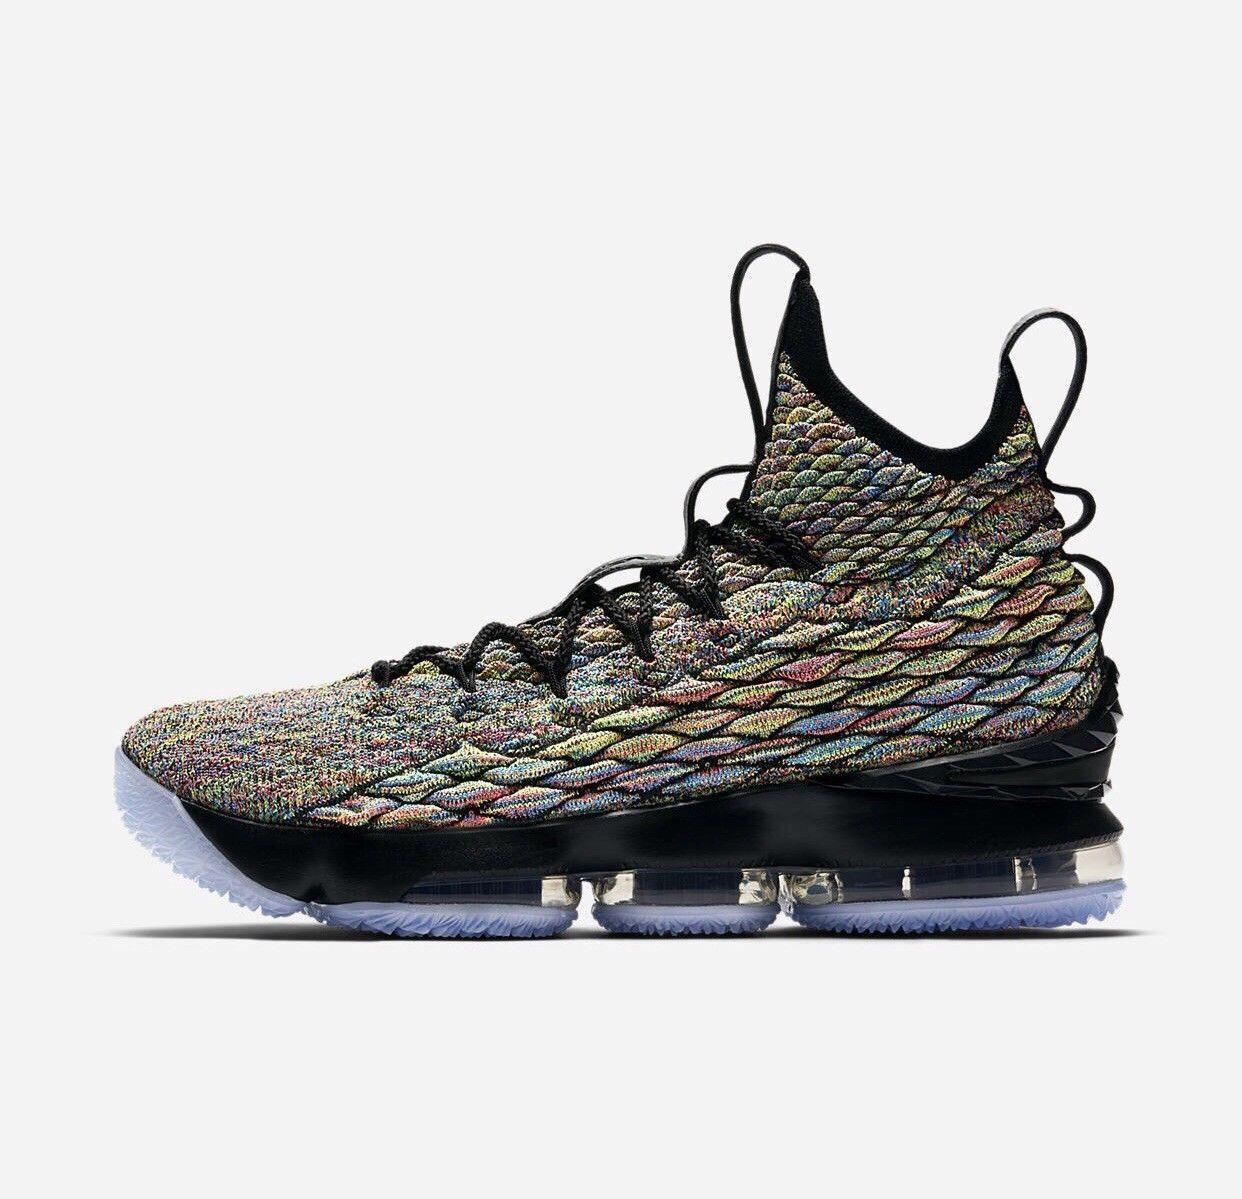 Nike Lebron 15 XV size 16. Black Fruity Pebbles Multi. 4 Horseman. 897648-901.